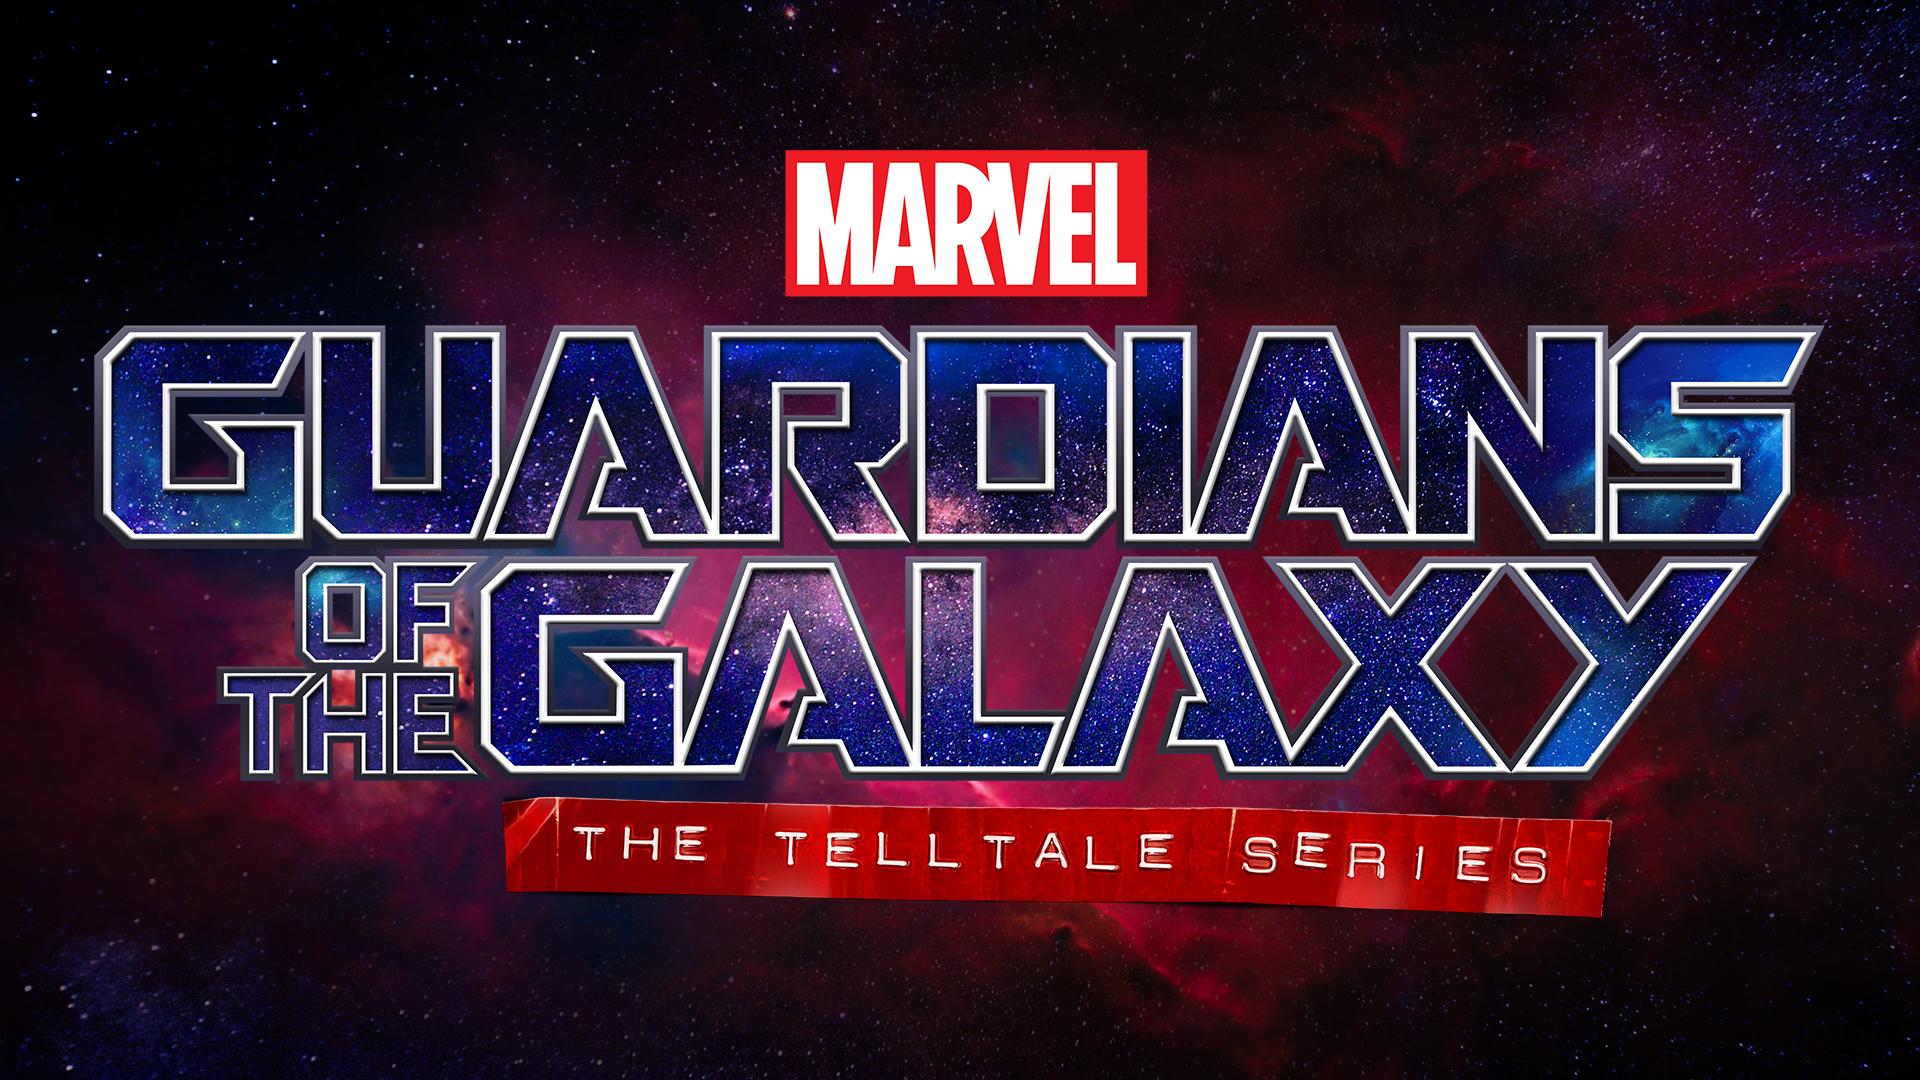 Guardians of the Galaxy: The Telltale Series llegará esta primavera con una nueva aventura espacial